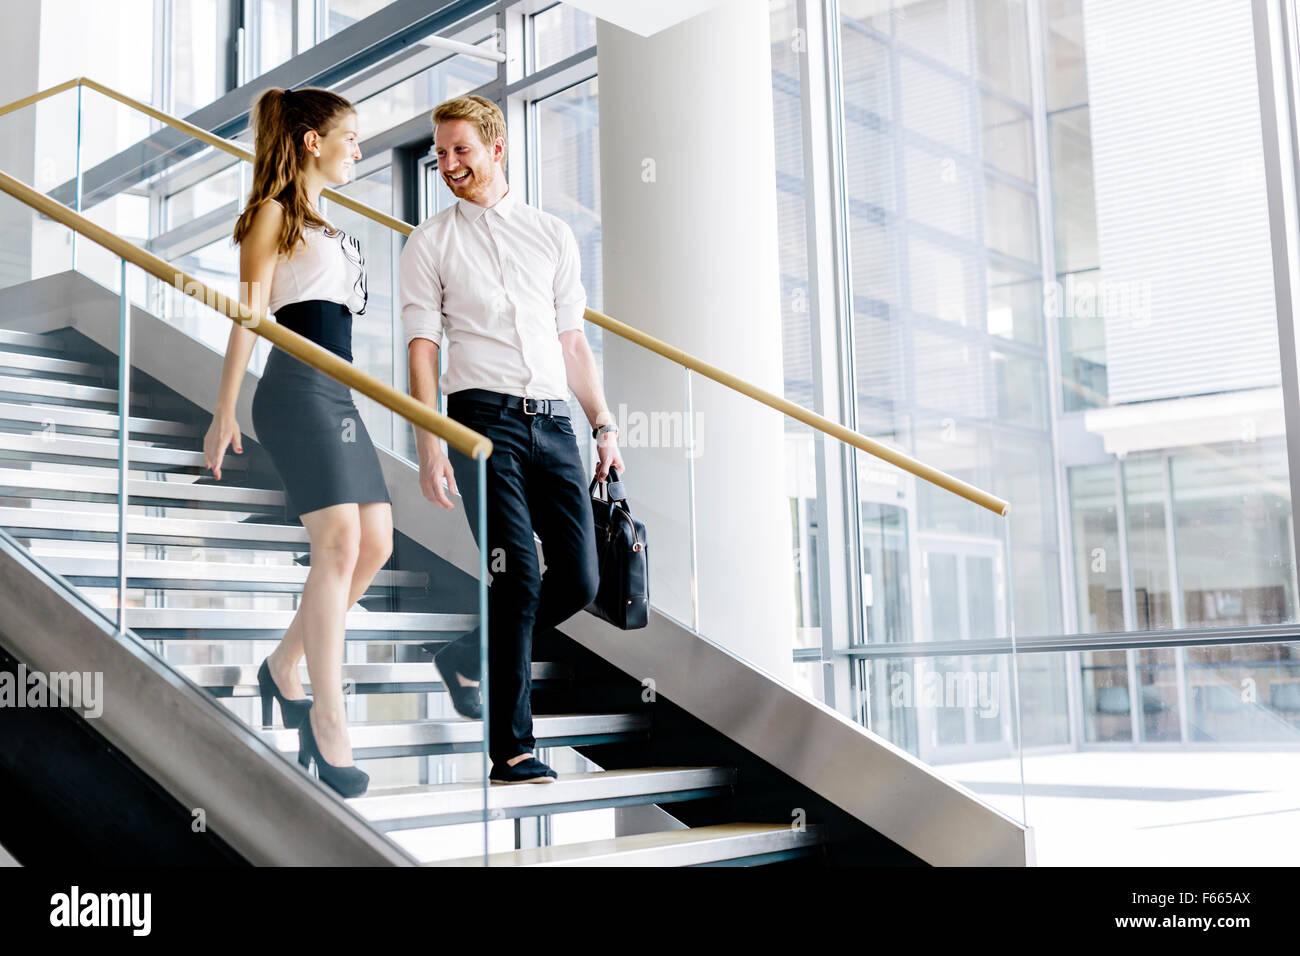 Des collègues de parler dans les escaliers et le flirt Photo Stock